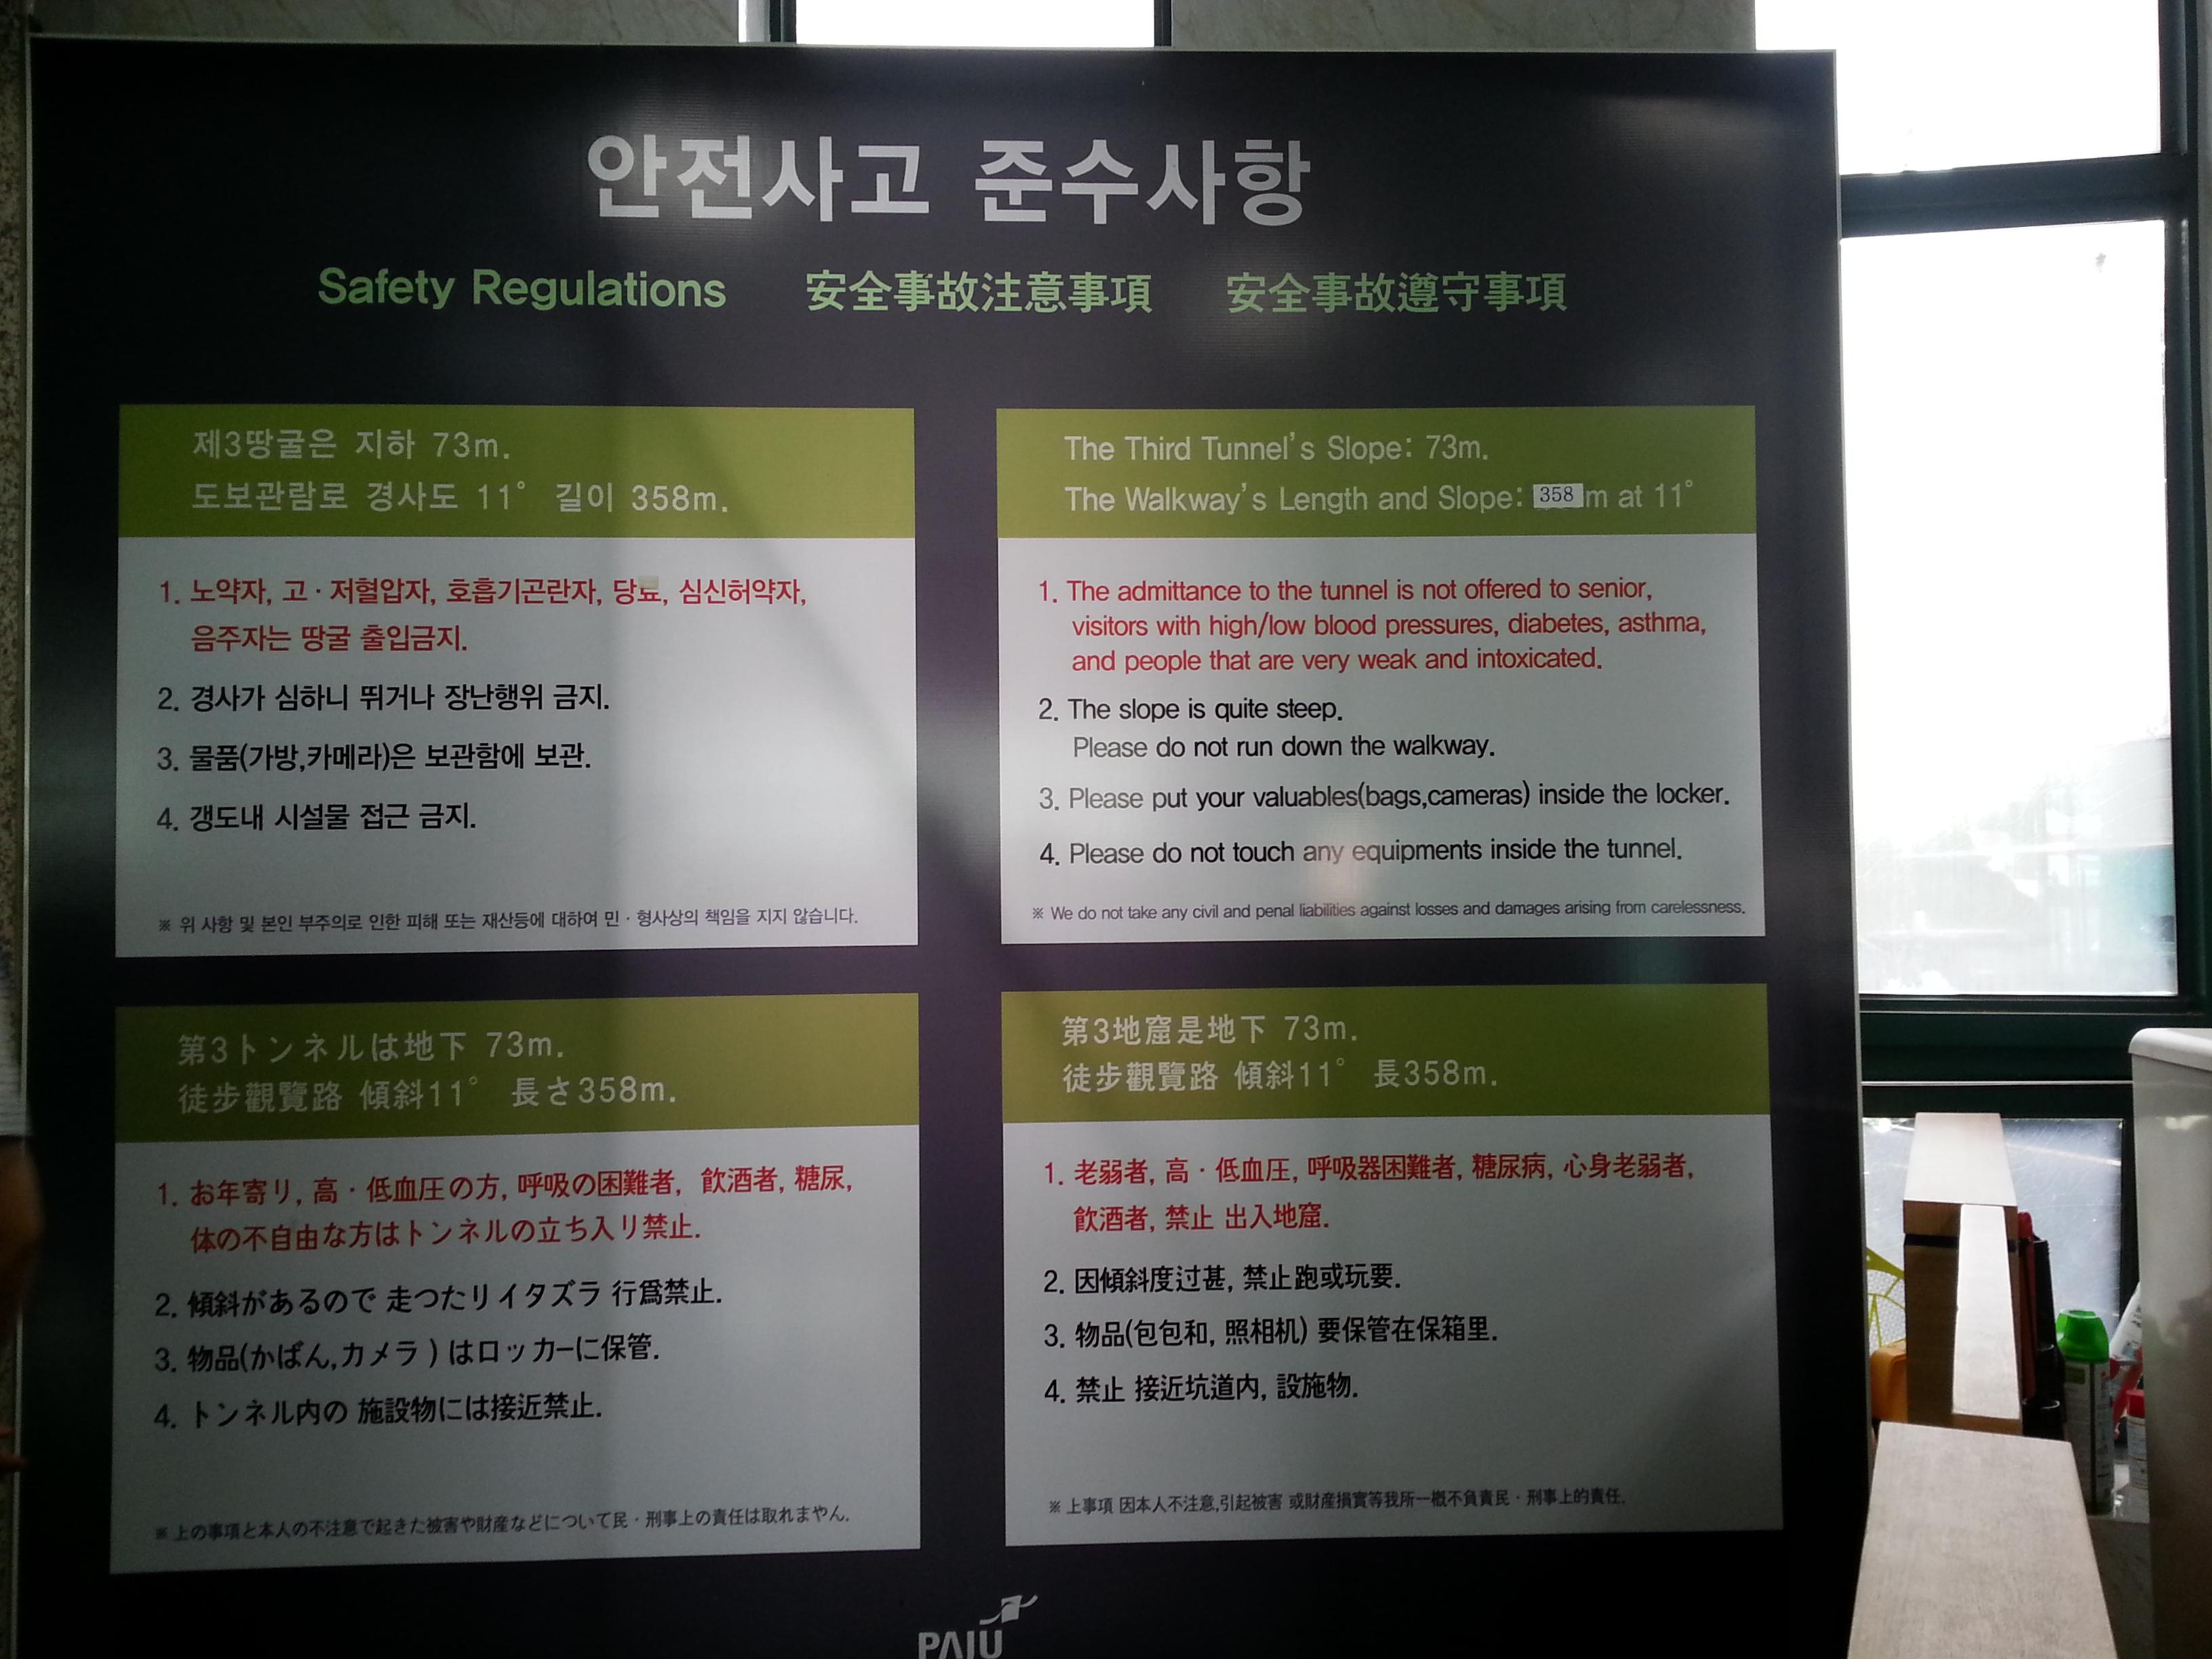 안전사고 준수사항|Safety Regulations|제3땅굴은 지하 73m.|도보관람로 경사도 11도 길이 358m.|1. 노약자, 고, 저혈압자, 호흡기곤란자, 당뇨, 심신허약자, 음주자는 땅굴 출입금지. 2. 경사가 심하니 뛰거나 장난행위 금지.3. 물품(가방, 카메라)은 보관함에 보관4. 경도내 시설물 접근 금지.